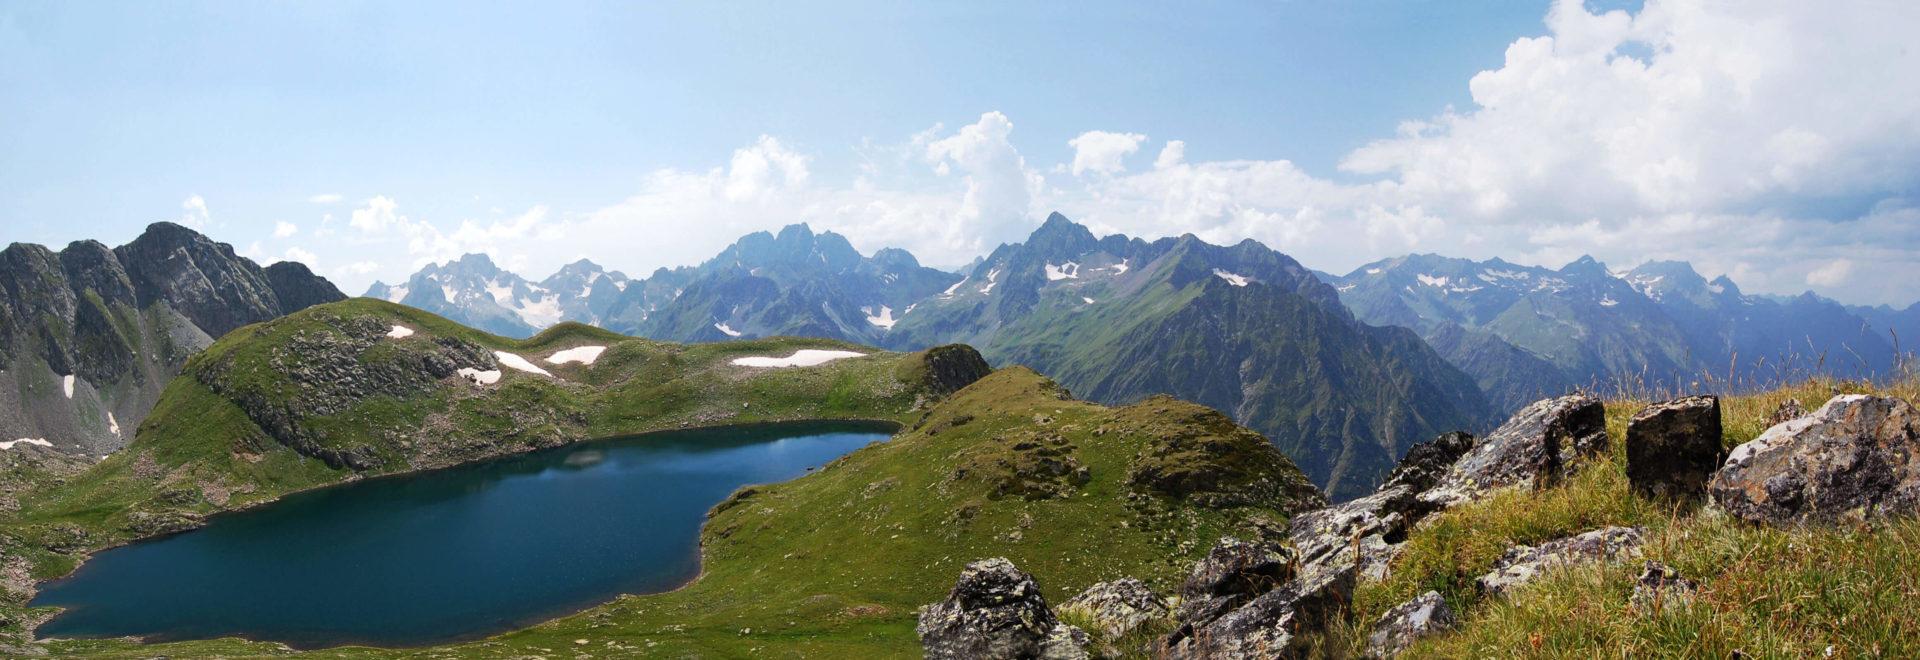 имеретинские озера